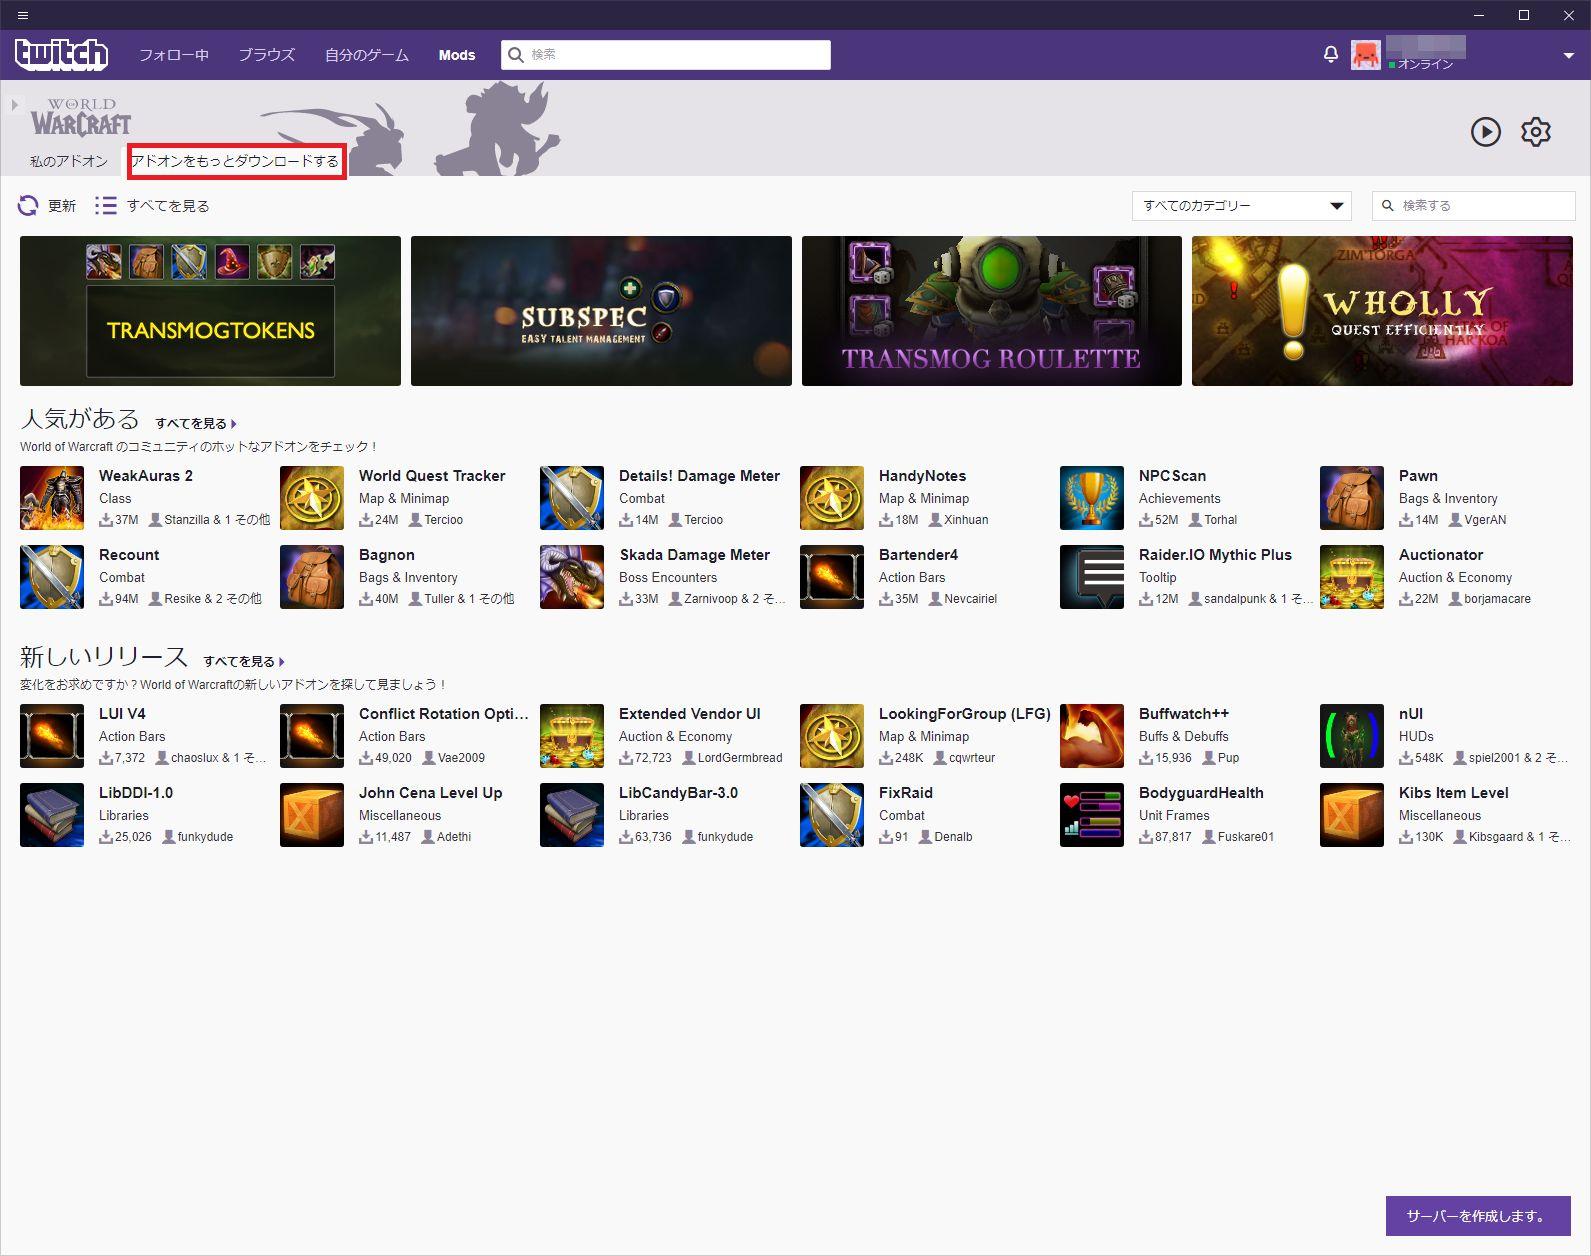 WoW] TwitchアプリがあればAddonsの管理がとても簡単で便利!